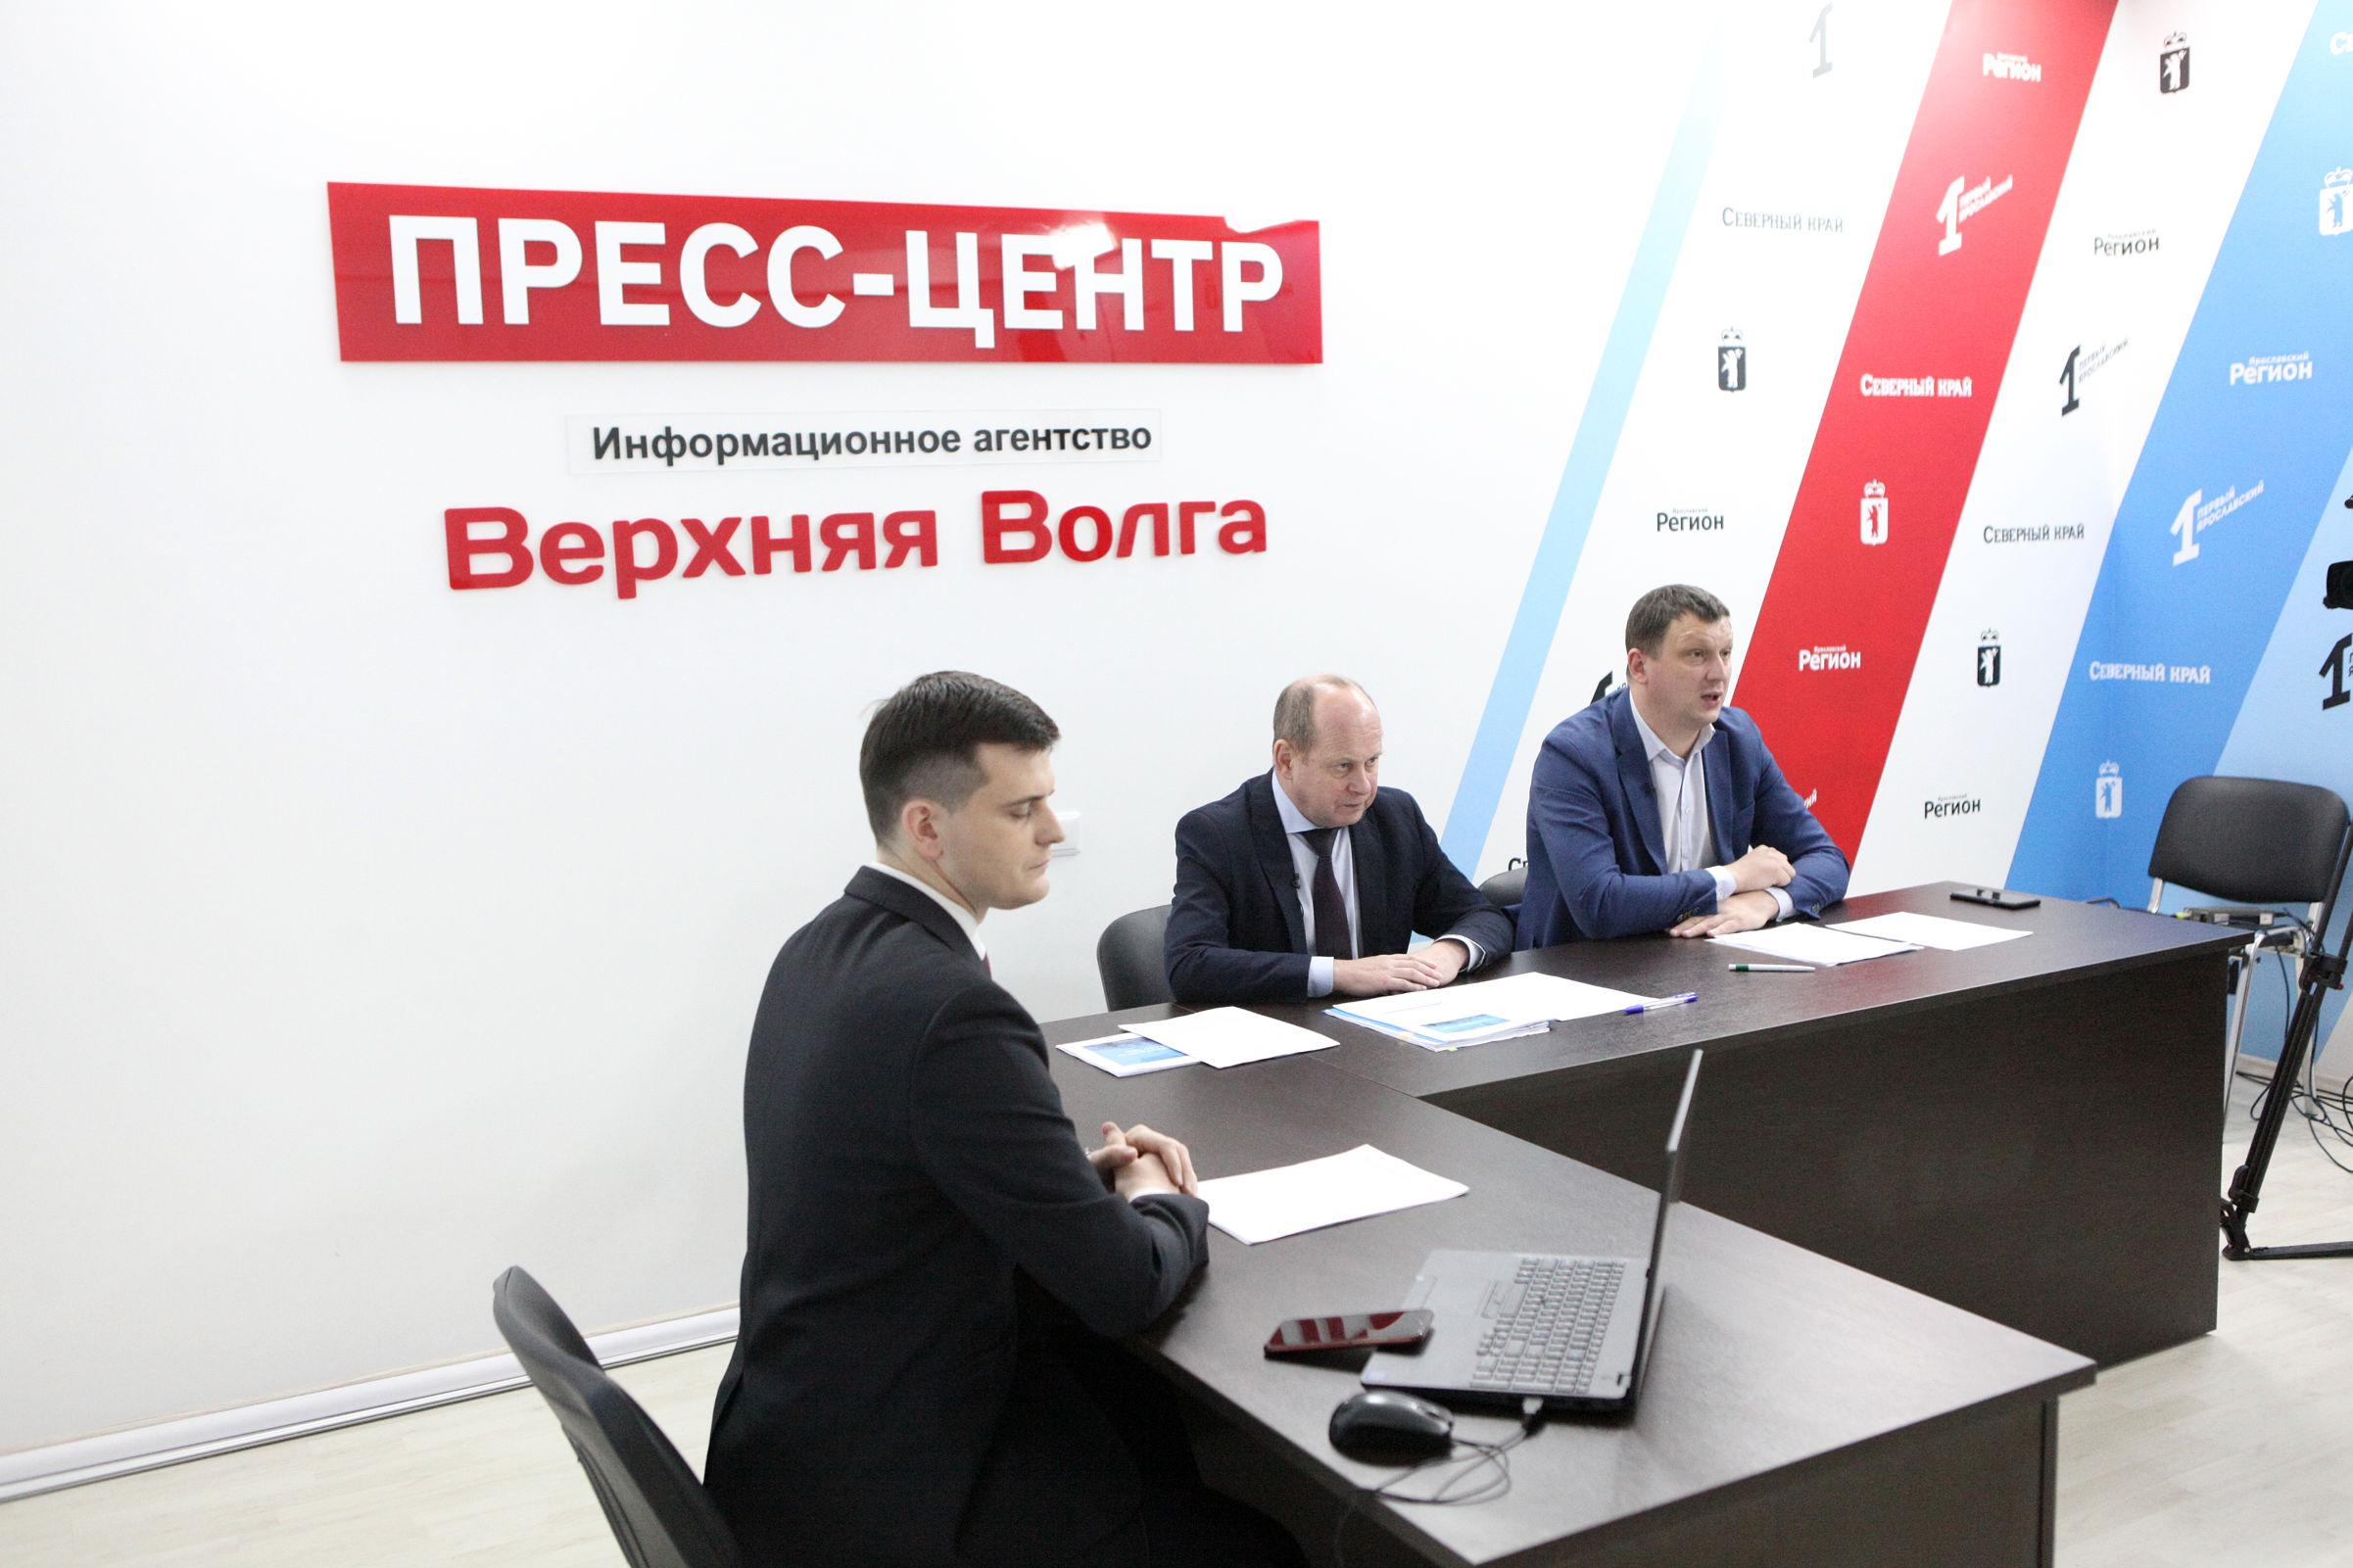 Слушания в новом формате. Обсуждение проекта областного бюджета прошло в режиме онлайн